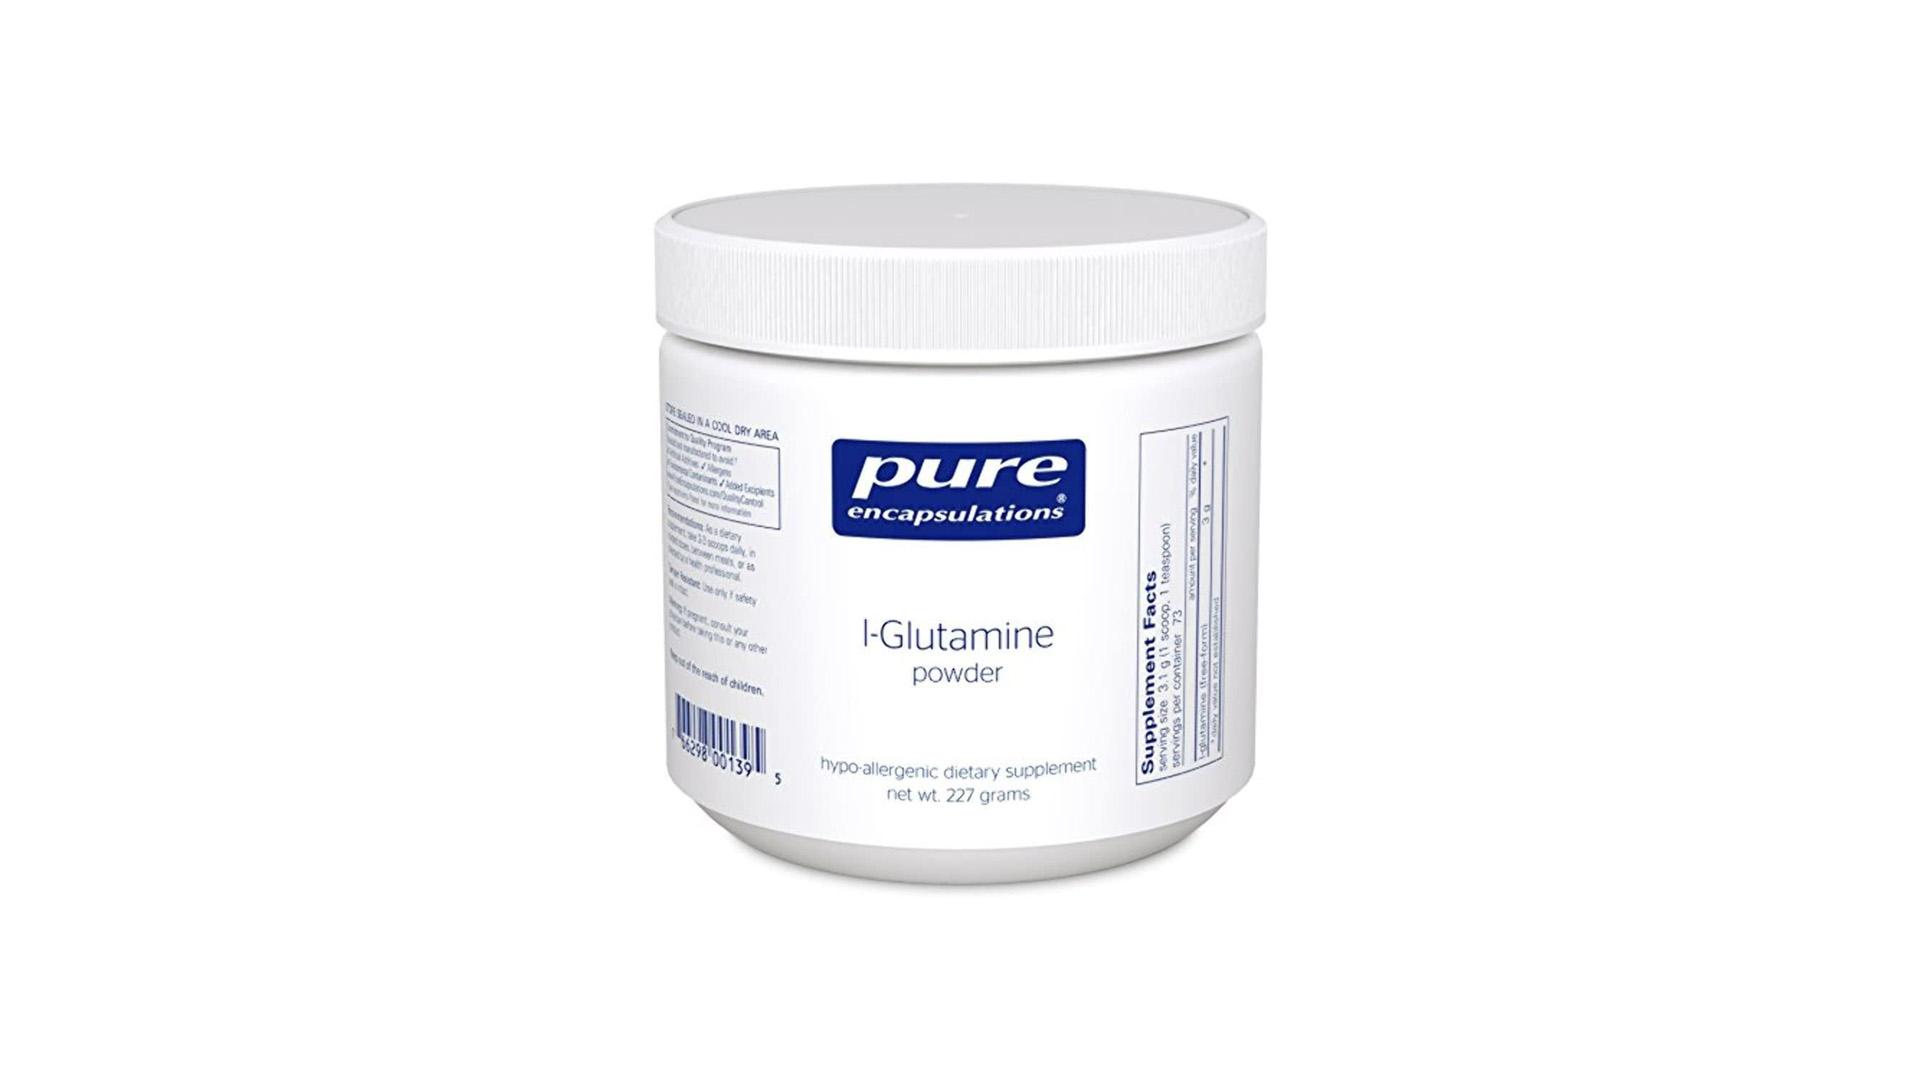 Pure Encapsulations L-Glutamine Powder